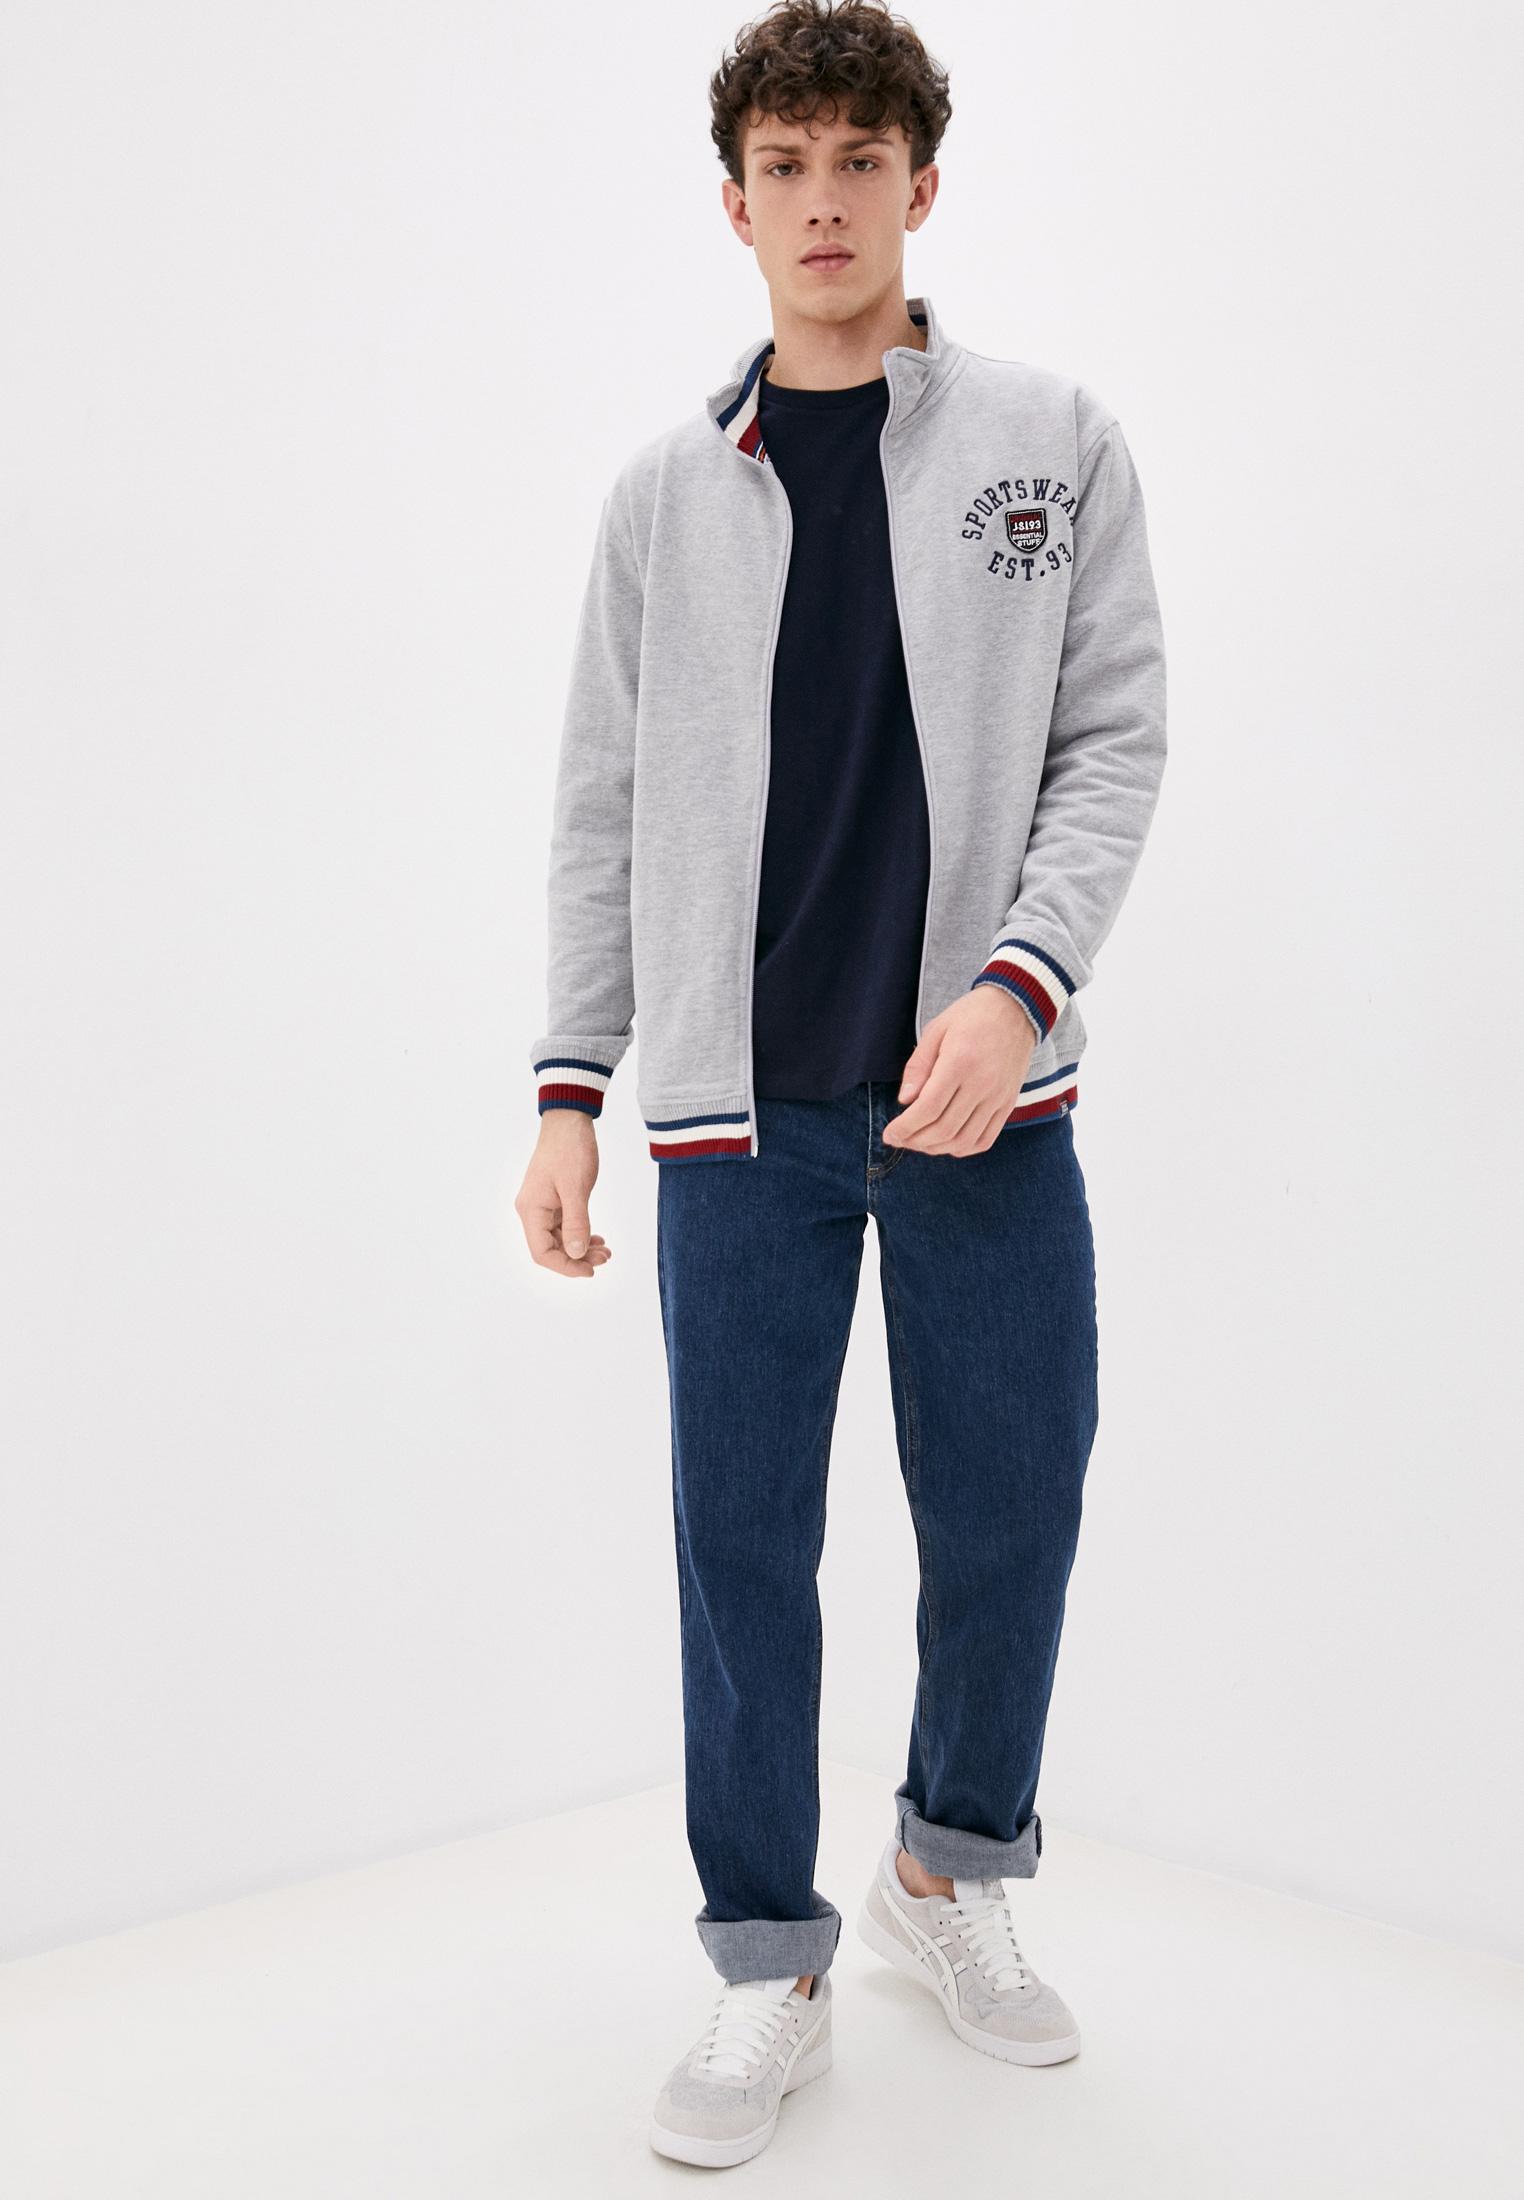 Олимпийка Jack's Sportswear Intl 3-700008: изображение 2